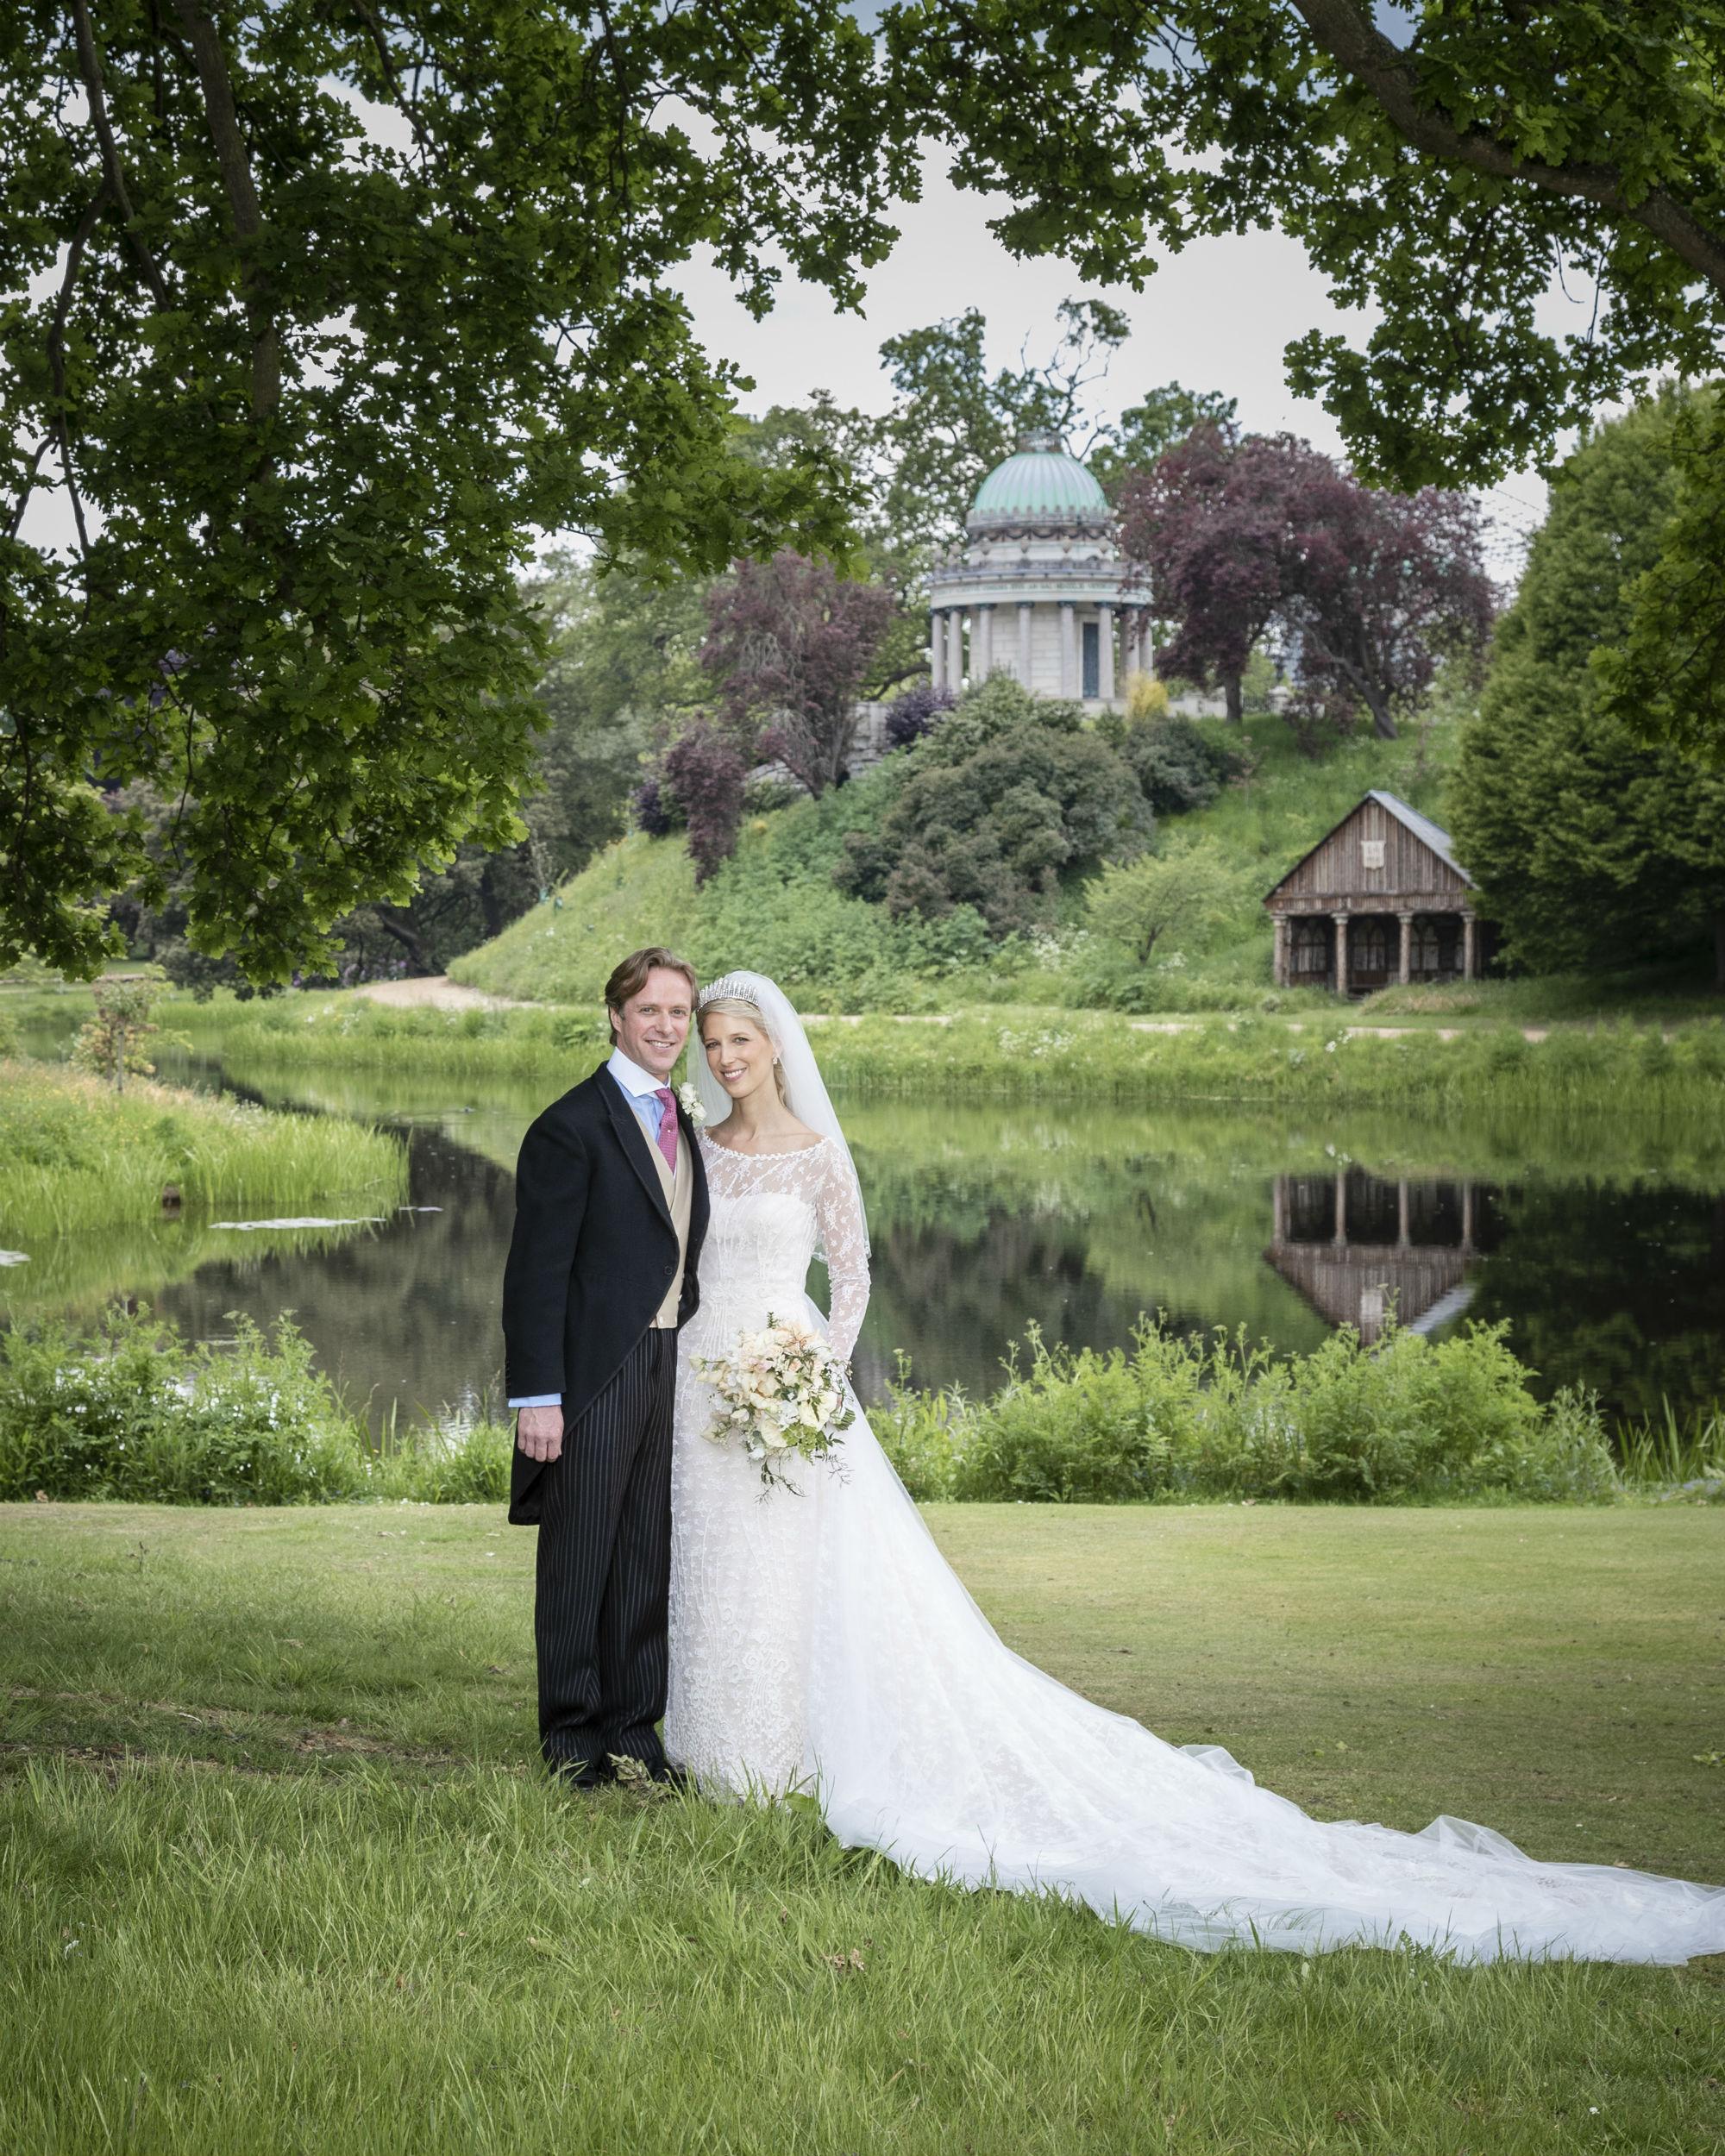 Die Braut sieht in ihrem Kleid der italienischen Designerin Luisa Beccaria einfach wunderschön aus. © Hugo Burnand / Royal Family